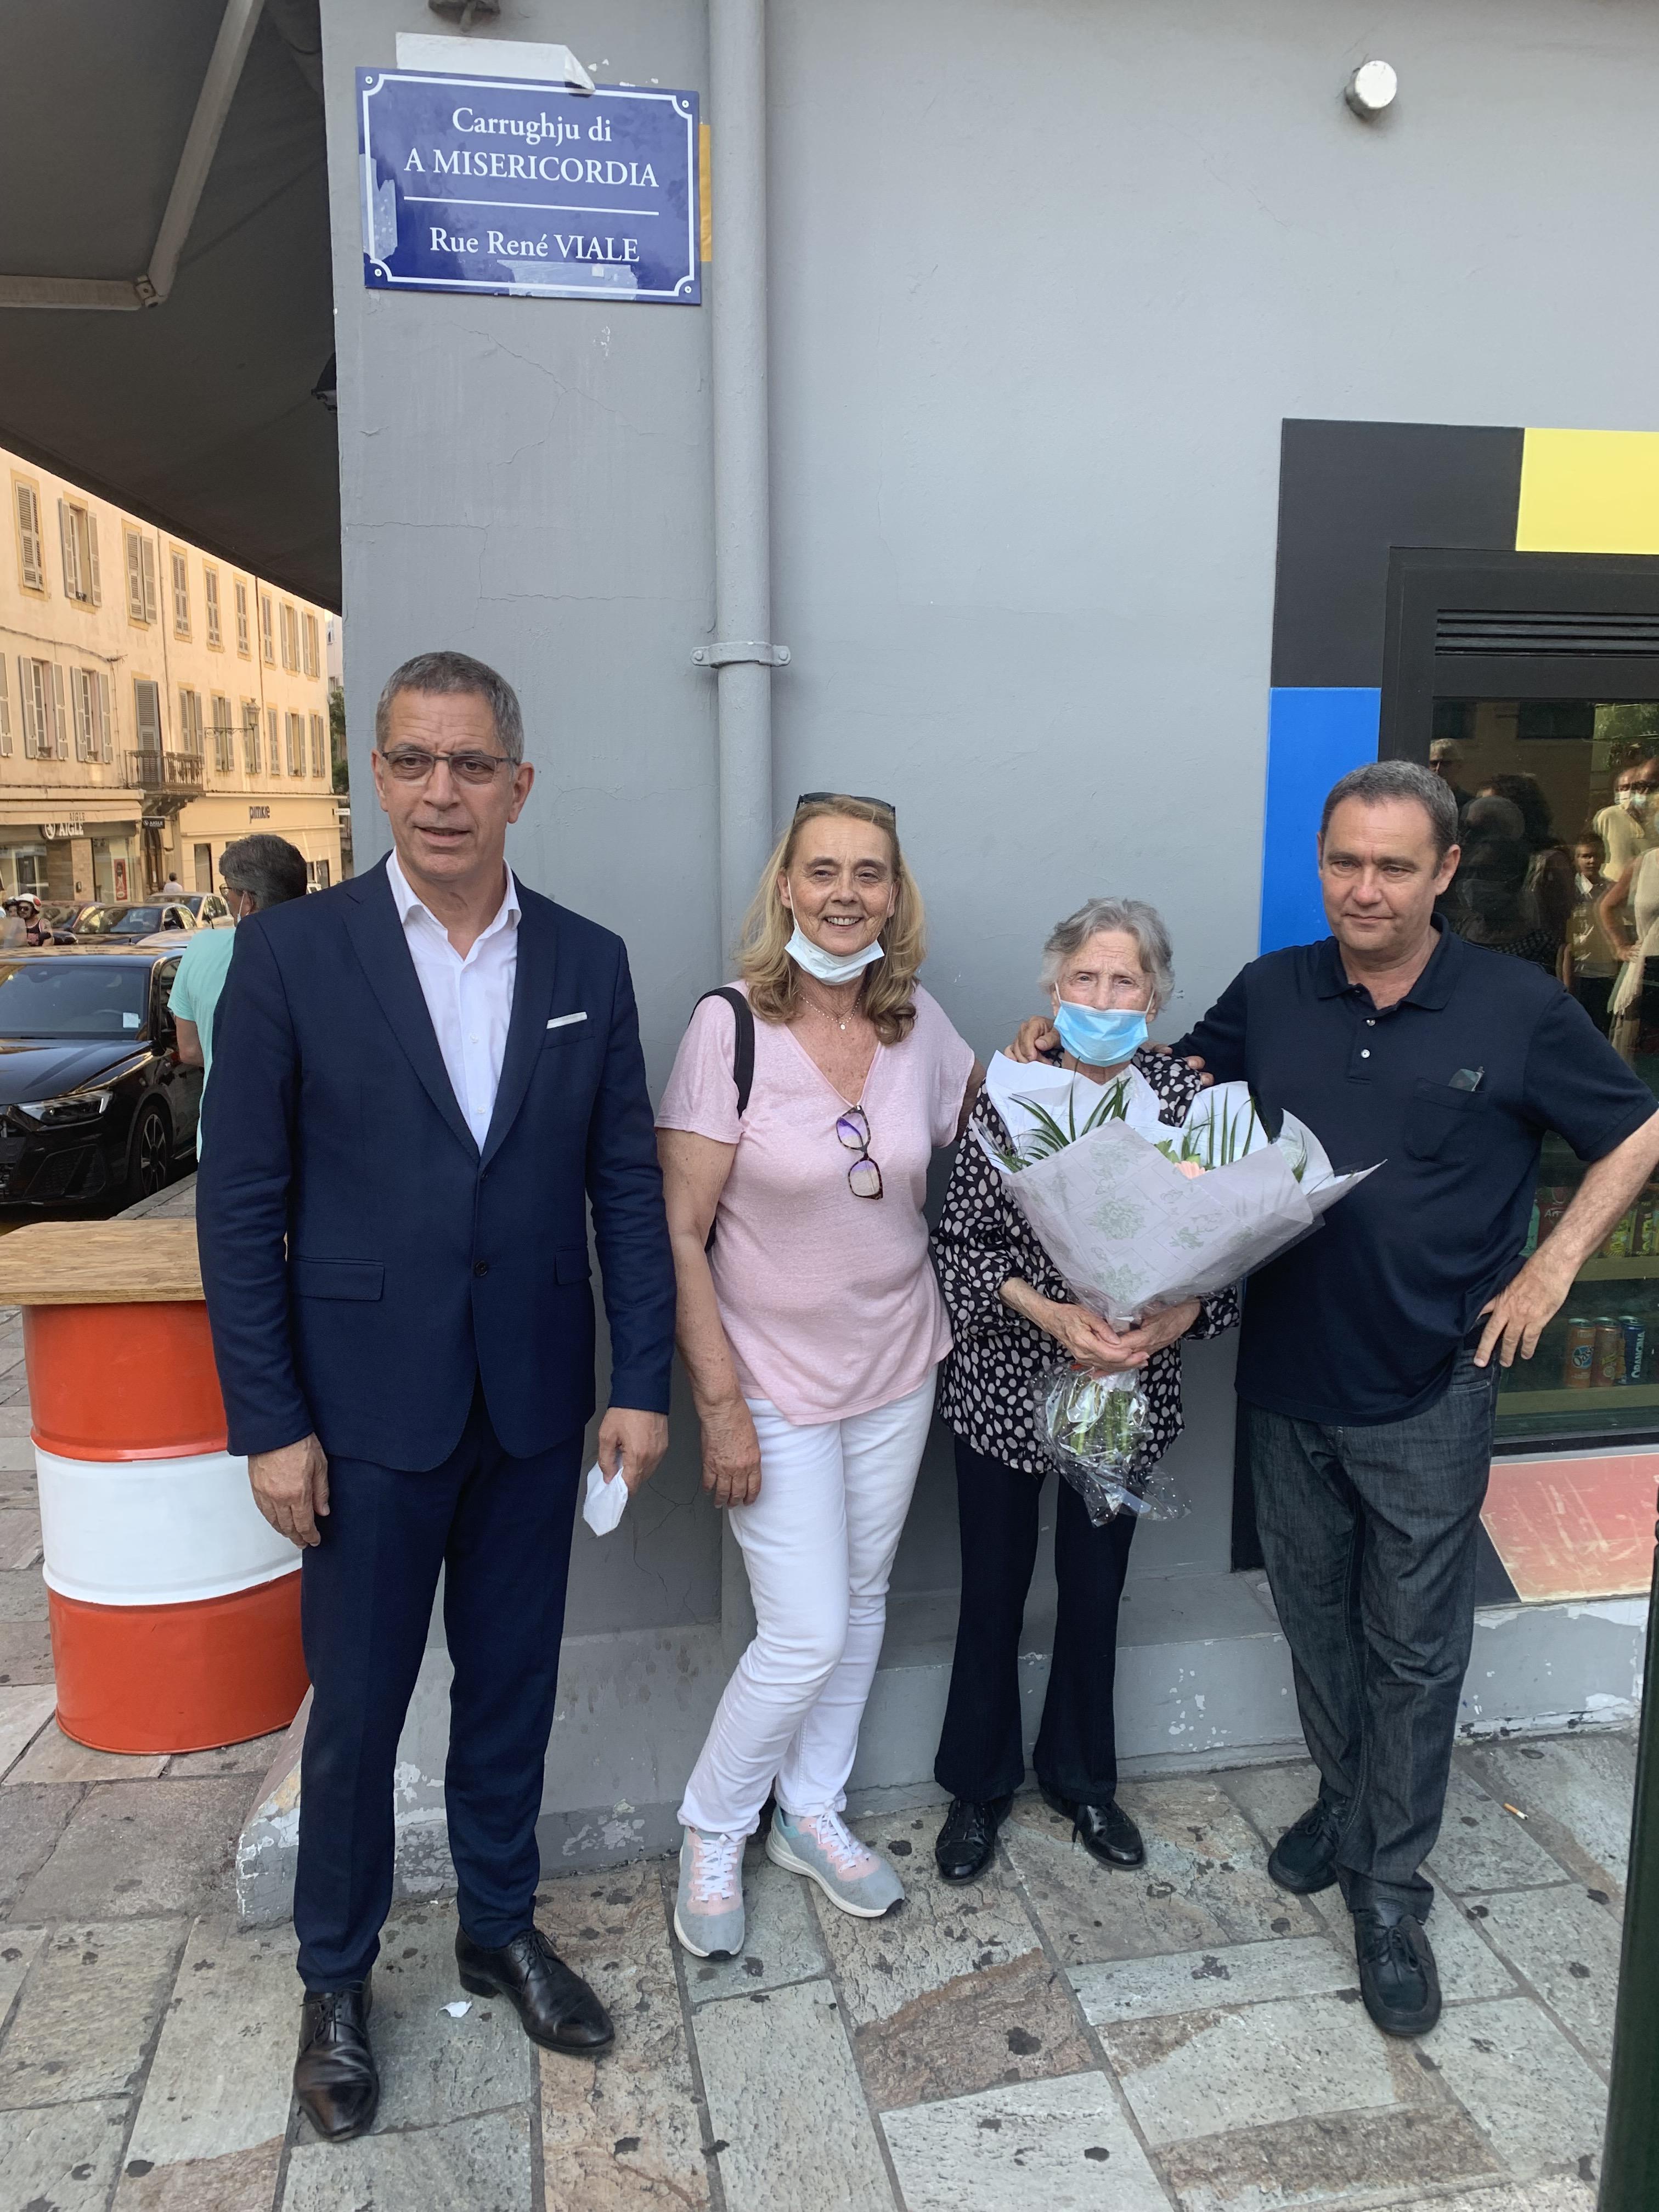 Pierre Savelli, Michèle de Bernardi, Yvette Viale et Bati Croce devant la plaque de rue portant le nom de René Viale